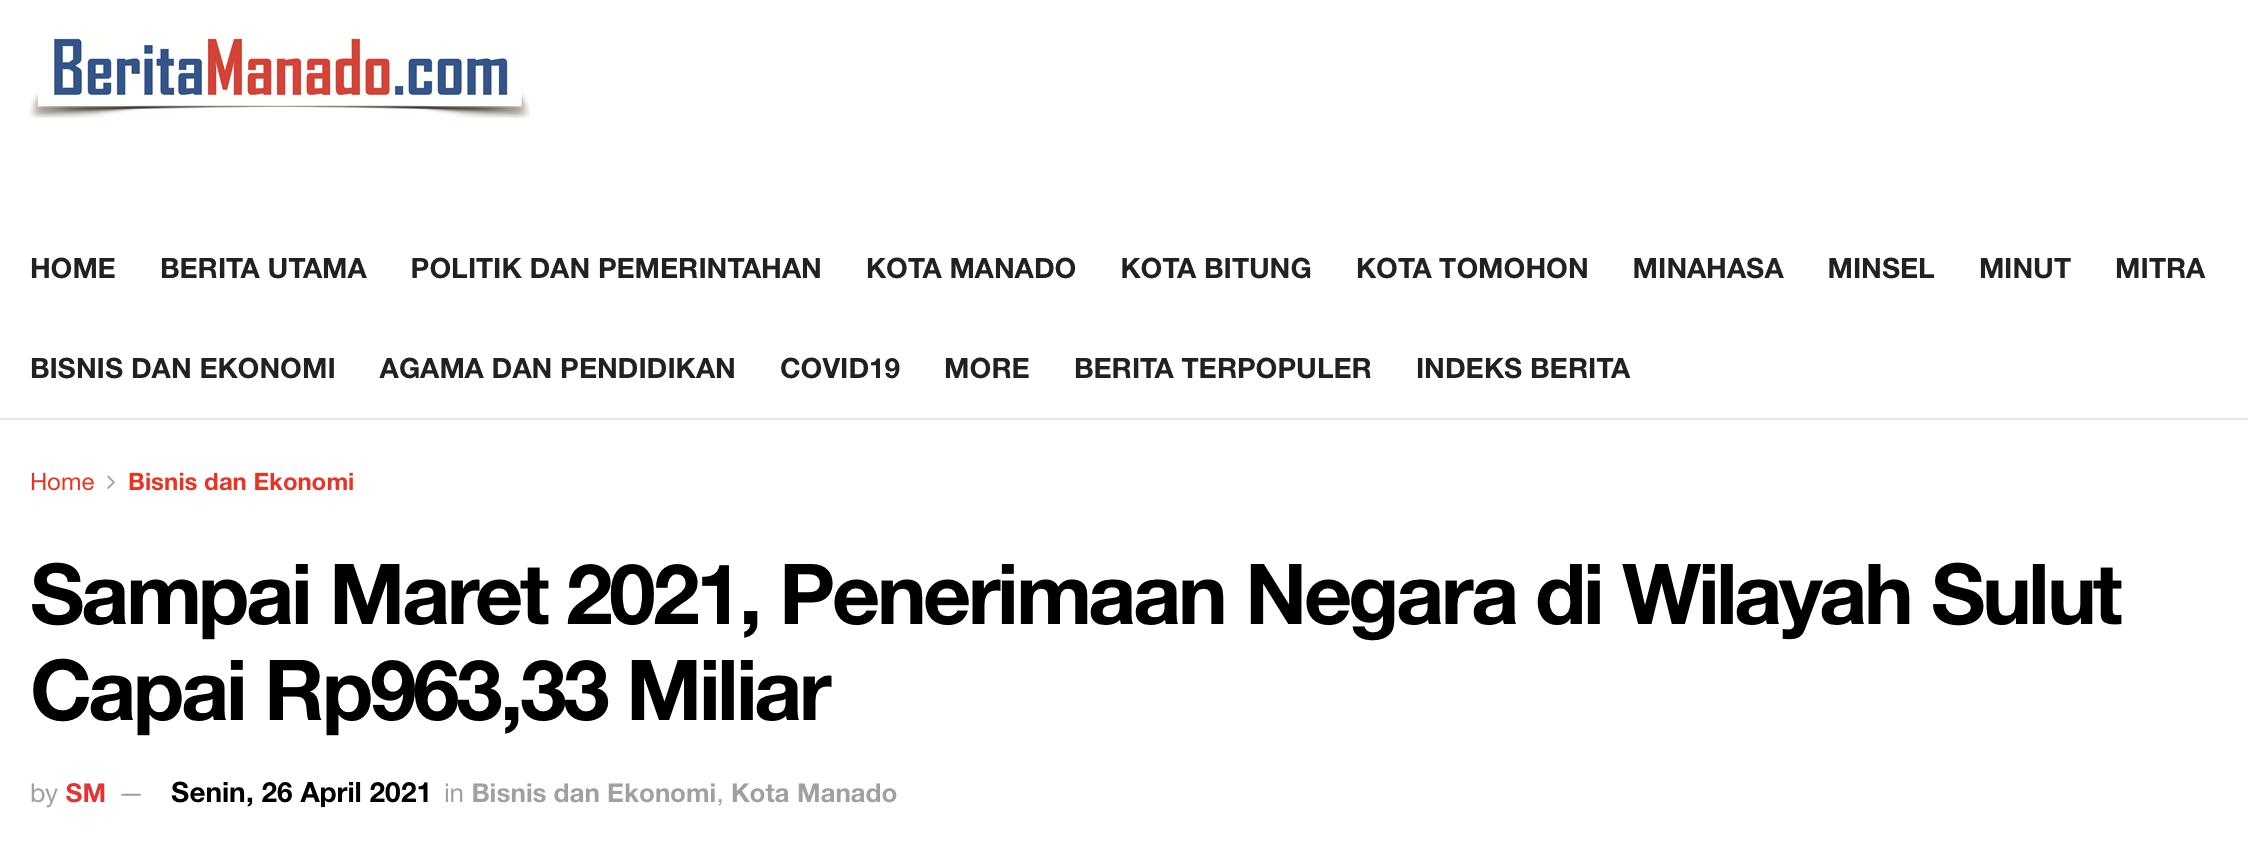 Sampai Maret 2021, Penerimaan Negara di Wilayah Sulut Capai Rp963,33 Miliar